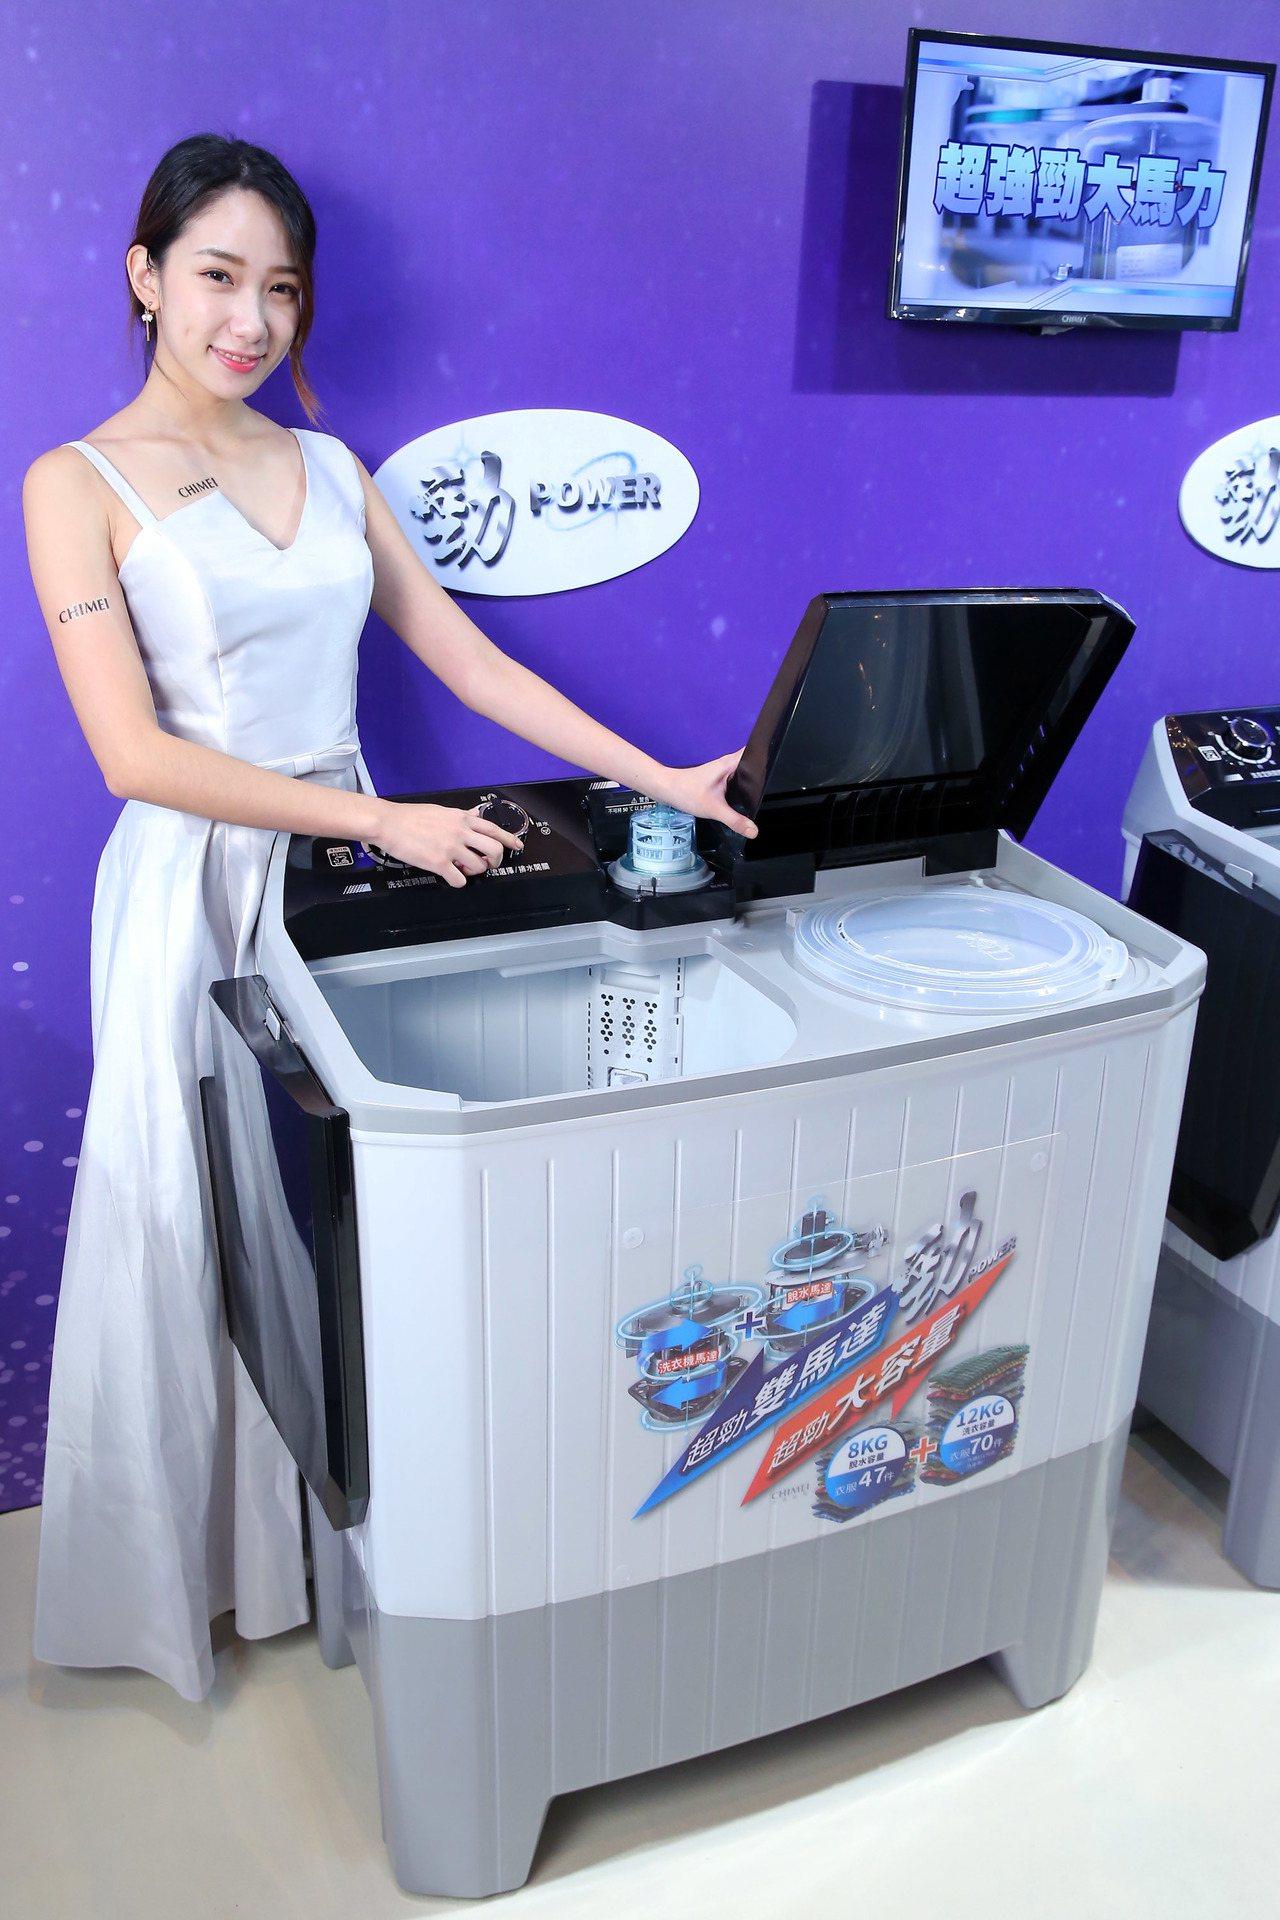 奇美家電勁Power雙槽洗衣機具備超勁雙槽大容量,結合12公斤洗衣容量與8公斤脫...